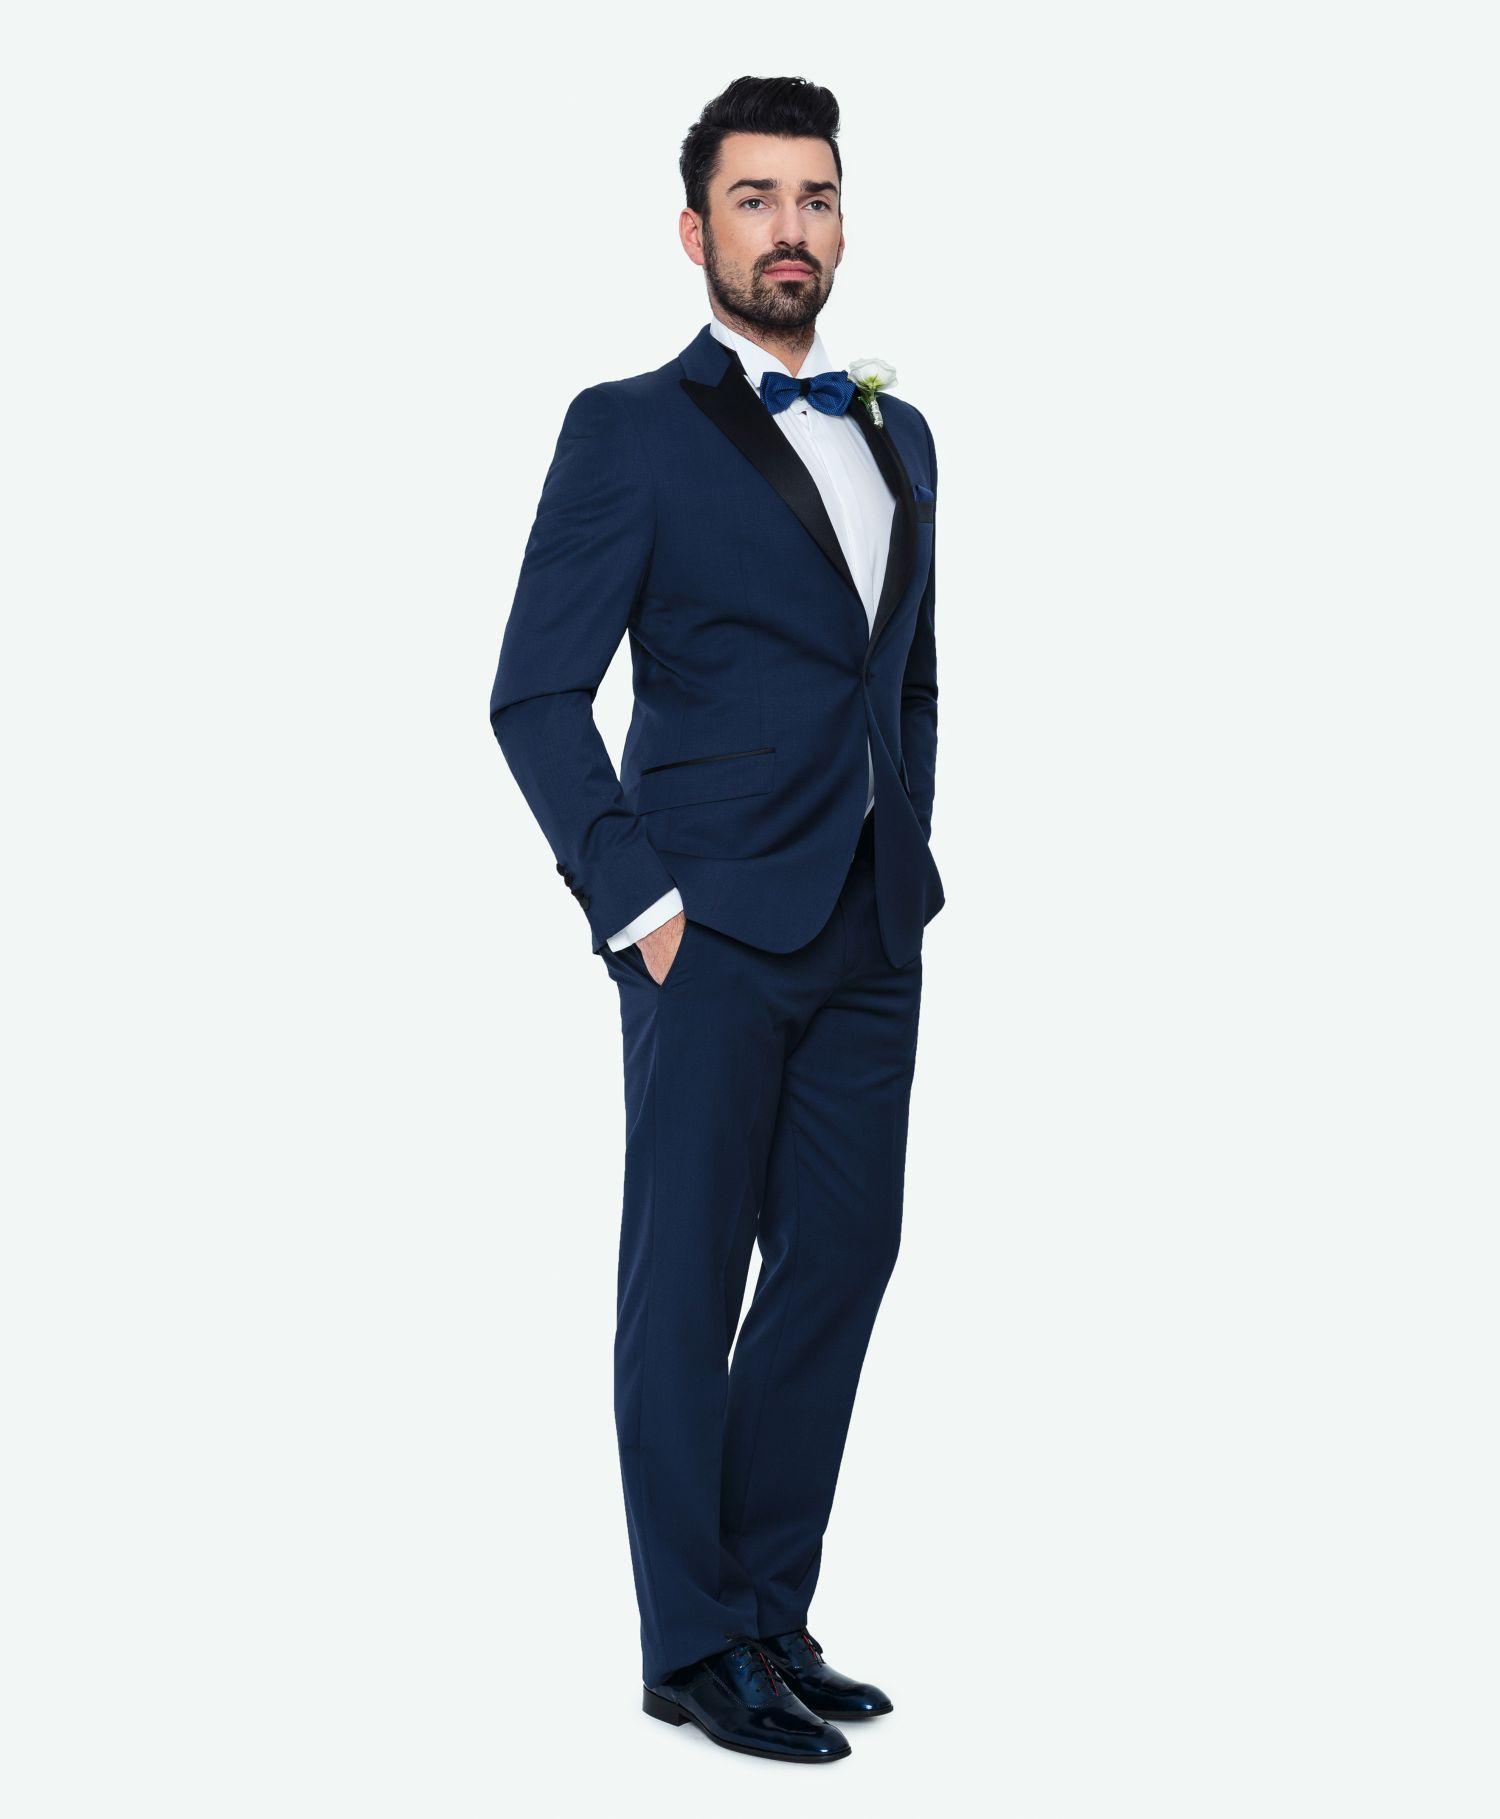 55fa2b3185237 Kolekcja ślubna Giacomo Conti: niebieski taliowany garnitur na ślub z  marynarką w stylu smokingowym z